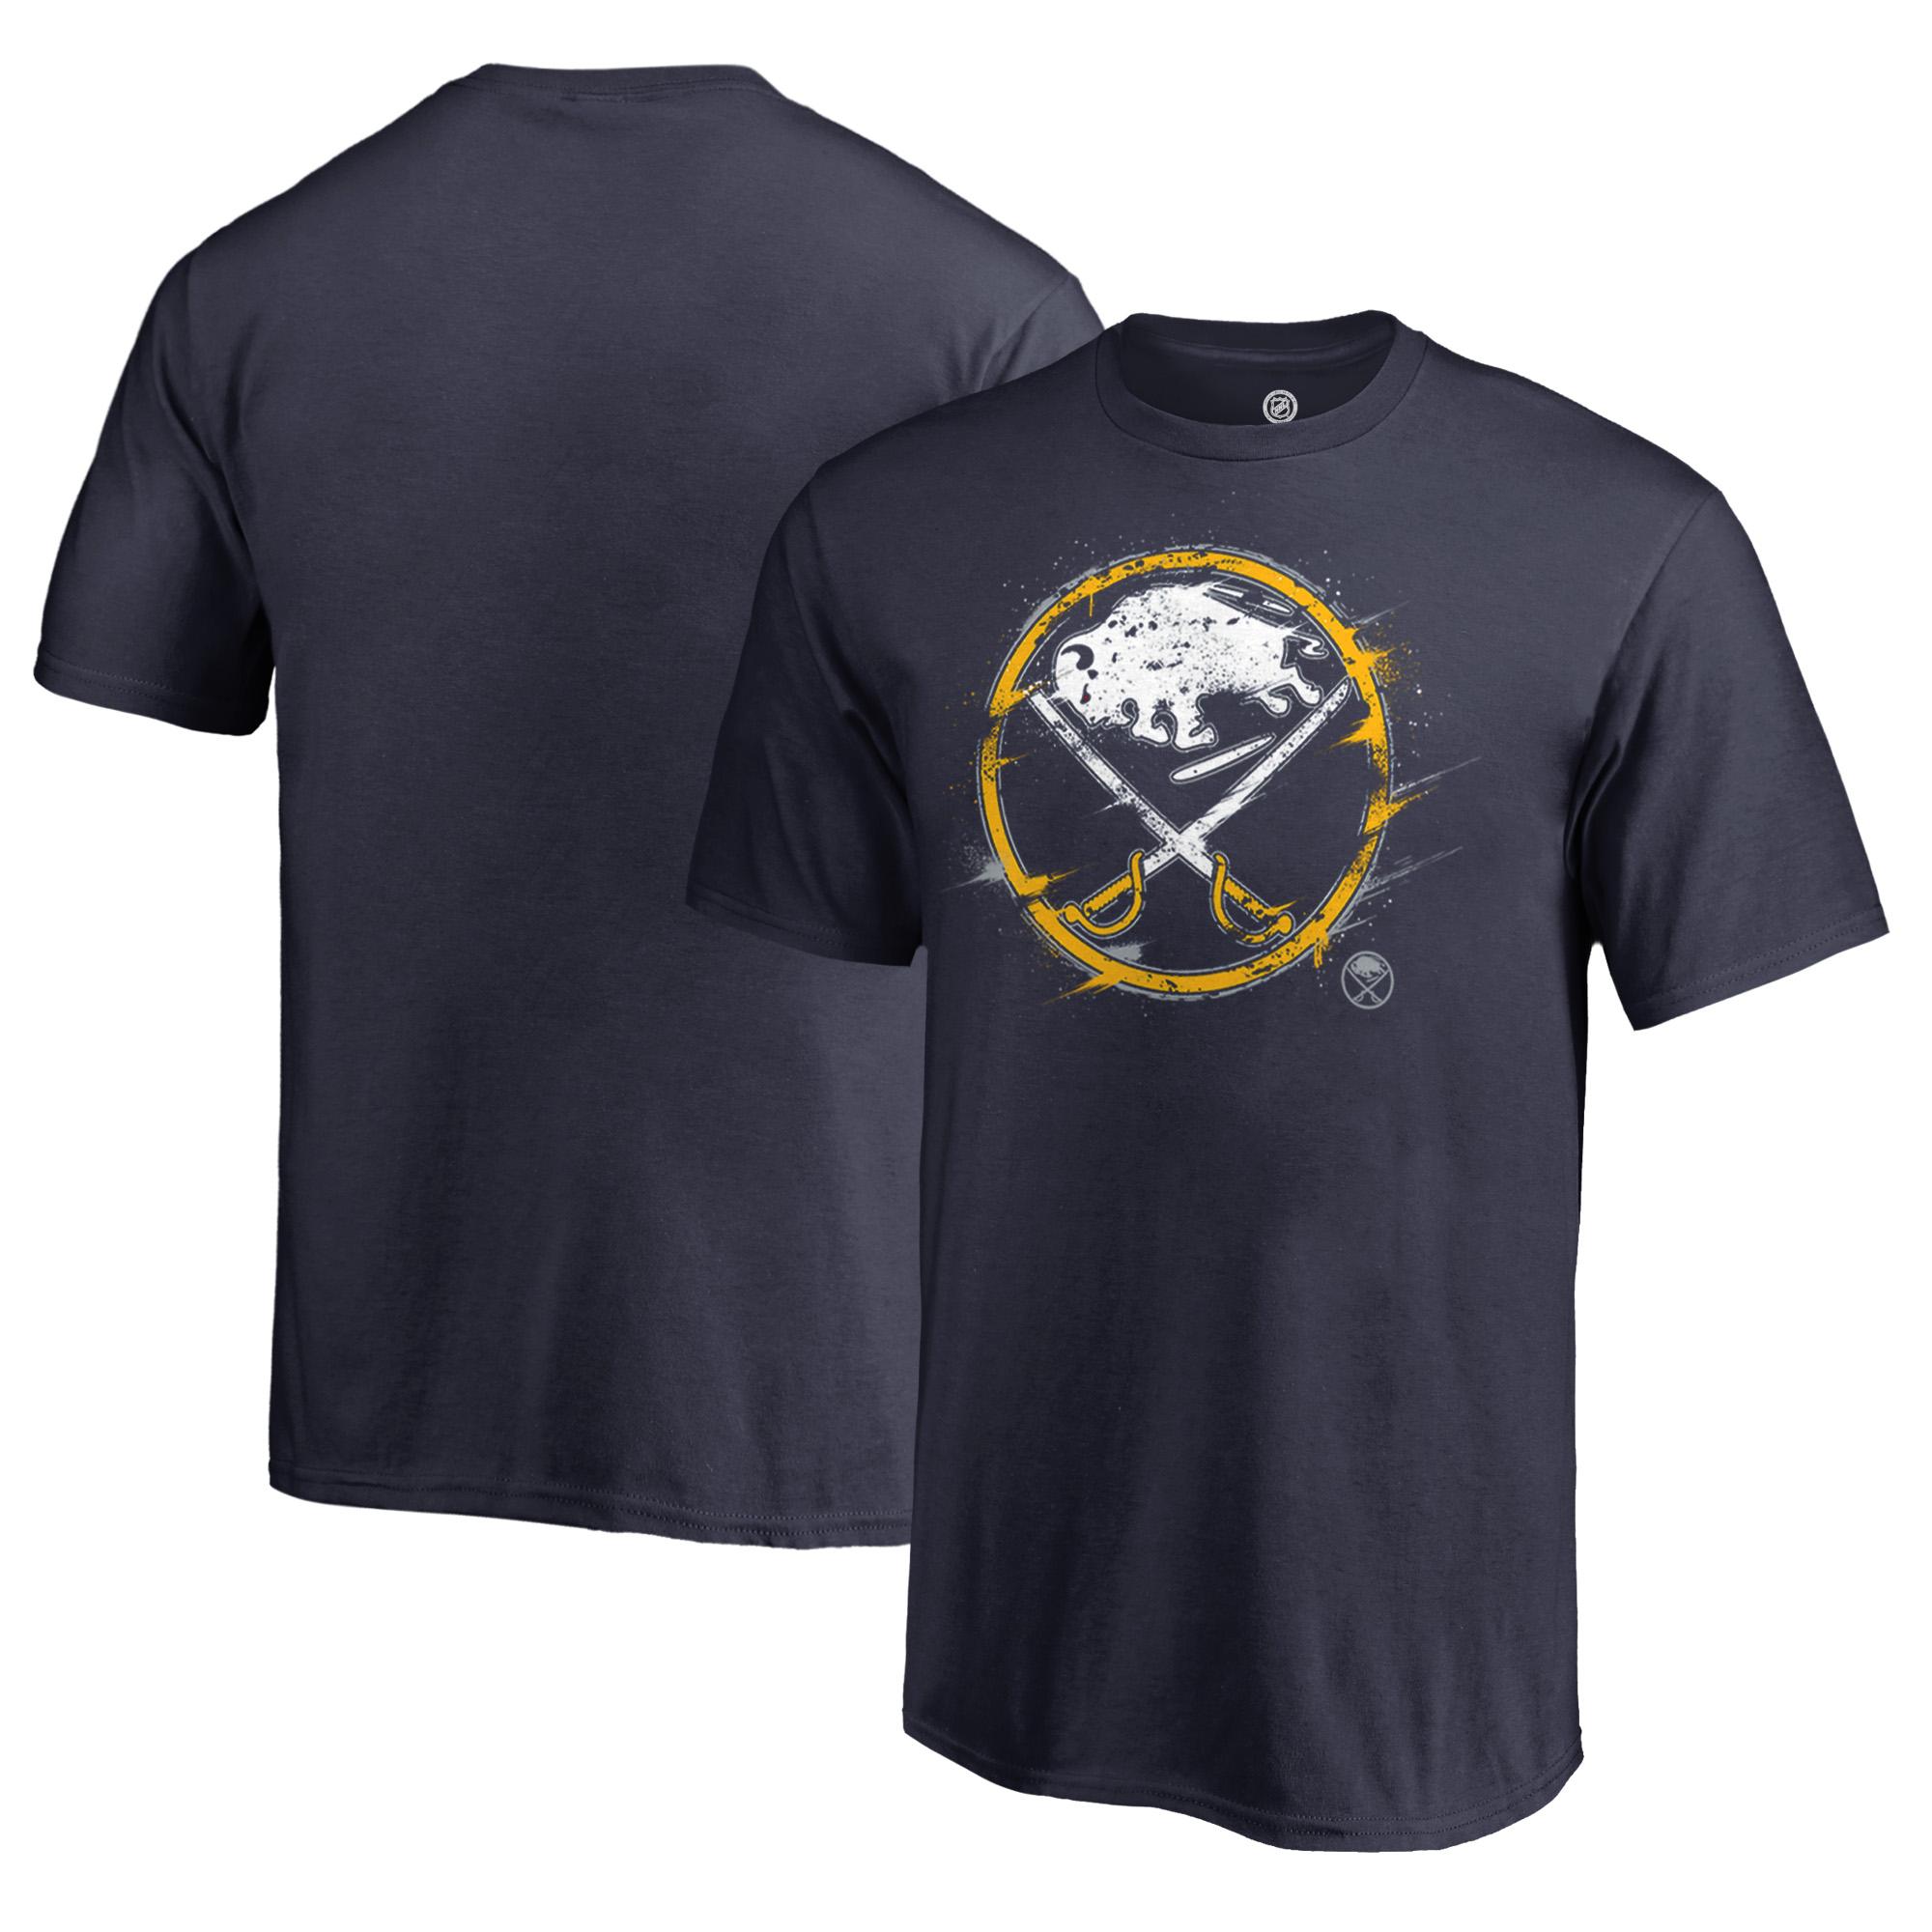 Buffalo Sabres Fanatics Branded Youth Splatter Logo T-Shirt - Navy